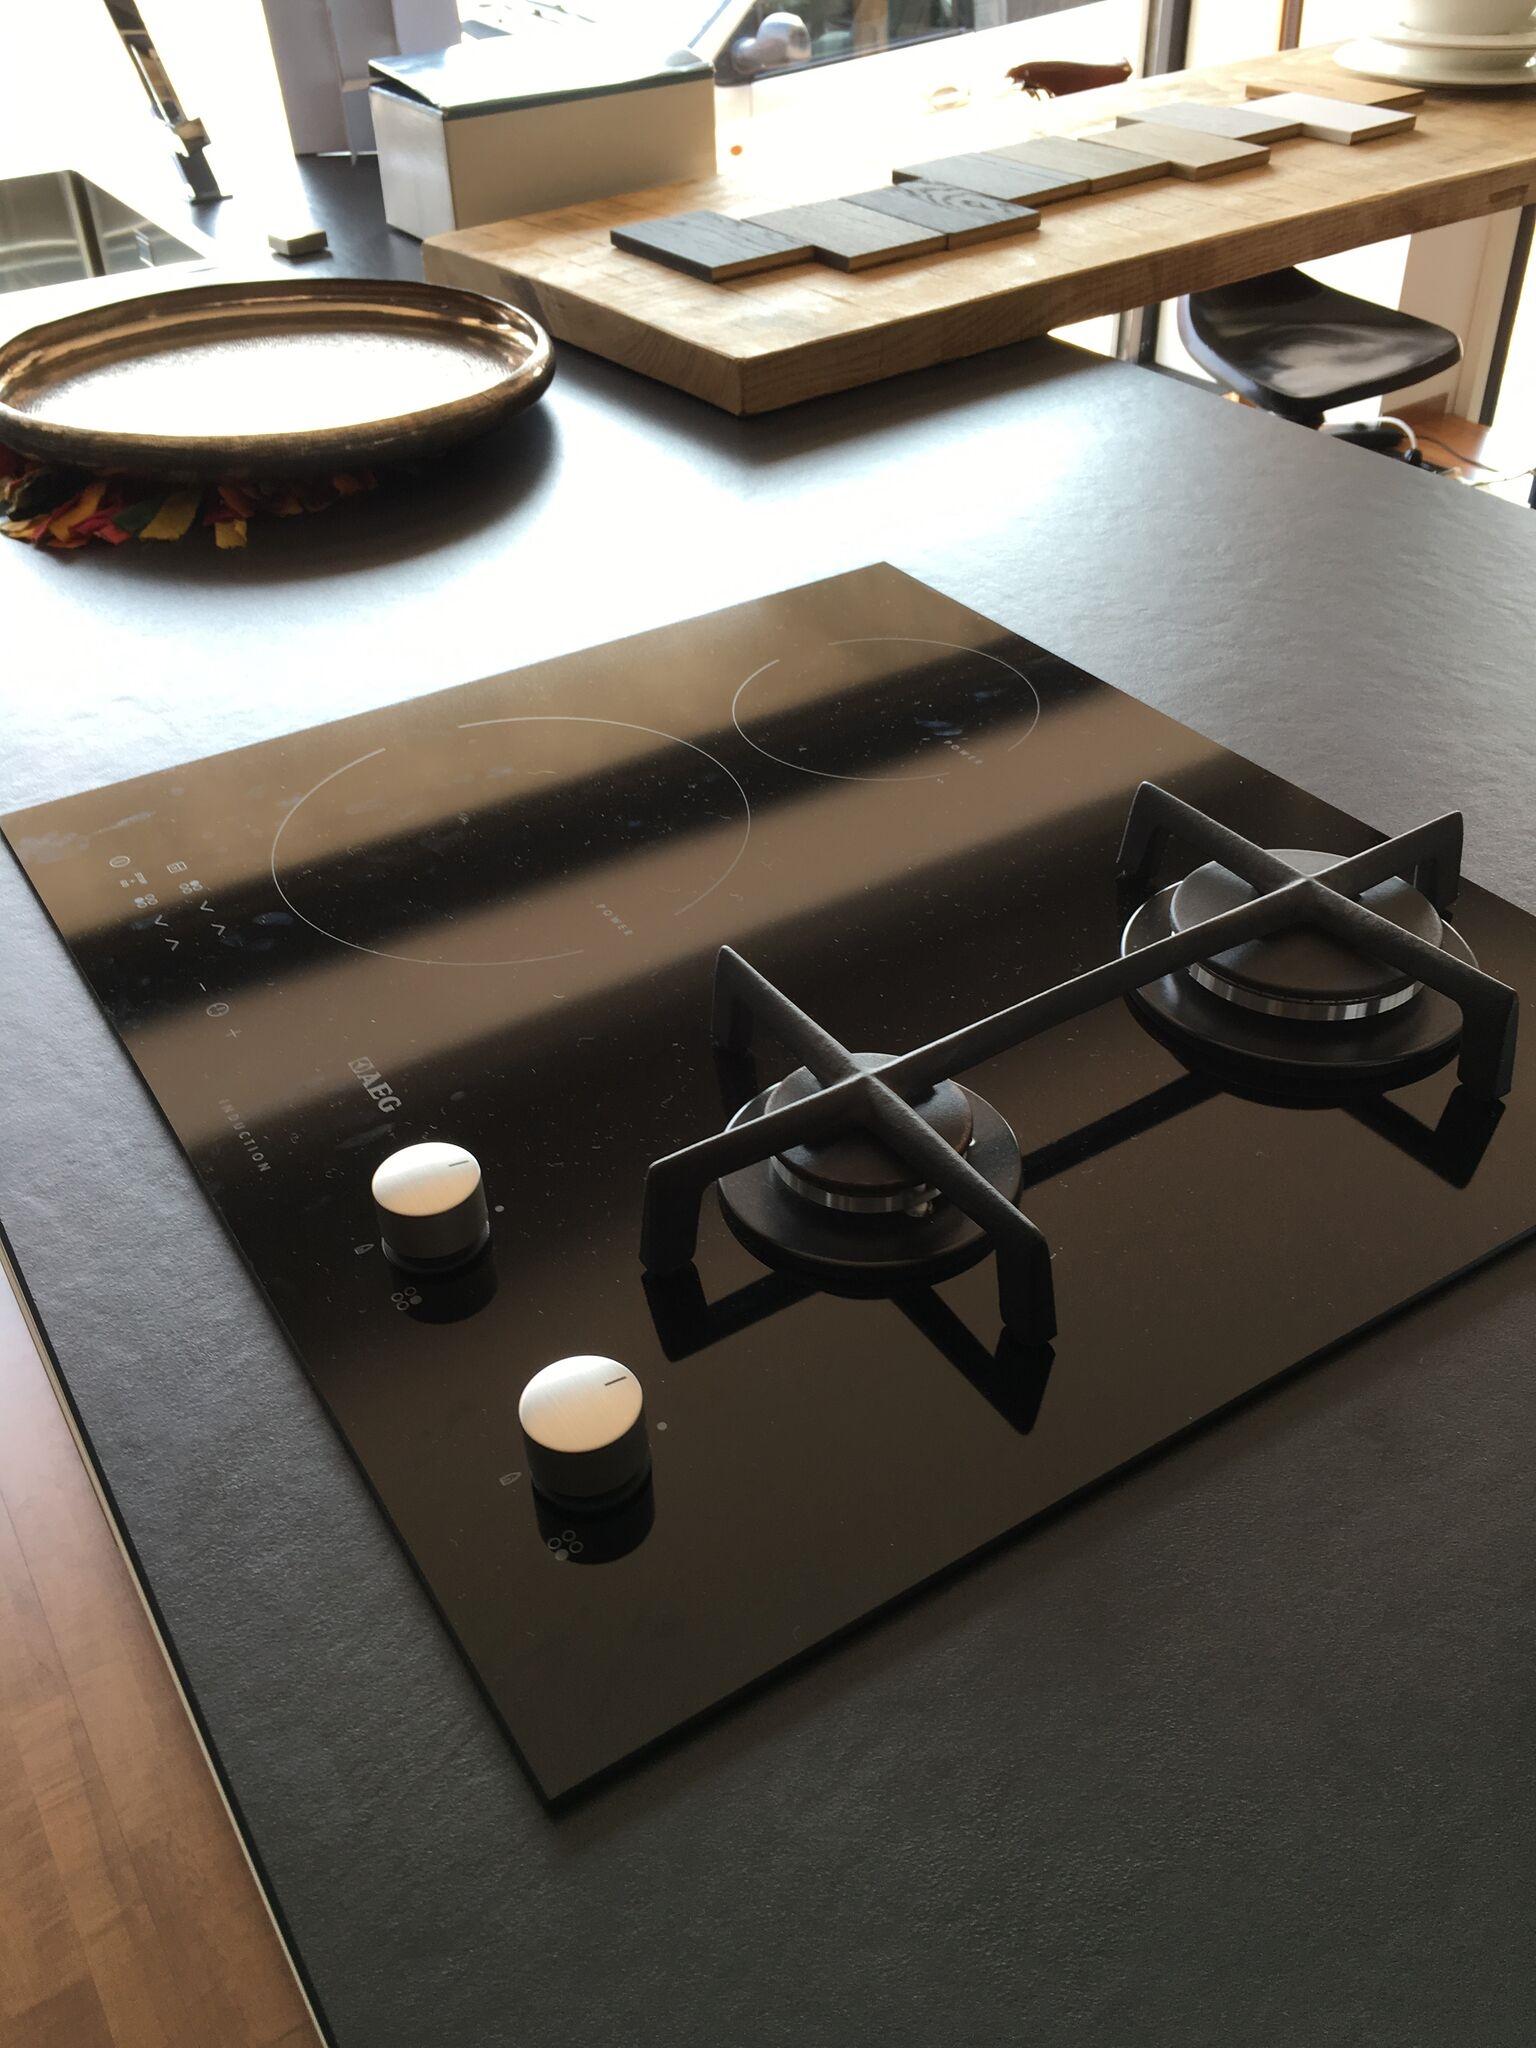 Cucina ged cucine velvet cucine a prezzi scontati - Cucina piano cottura ...